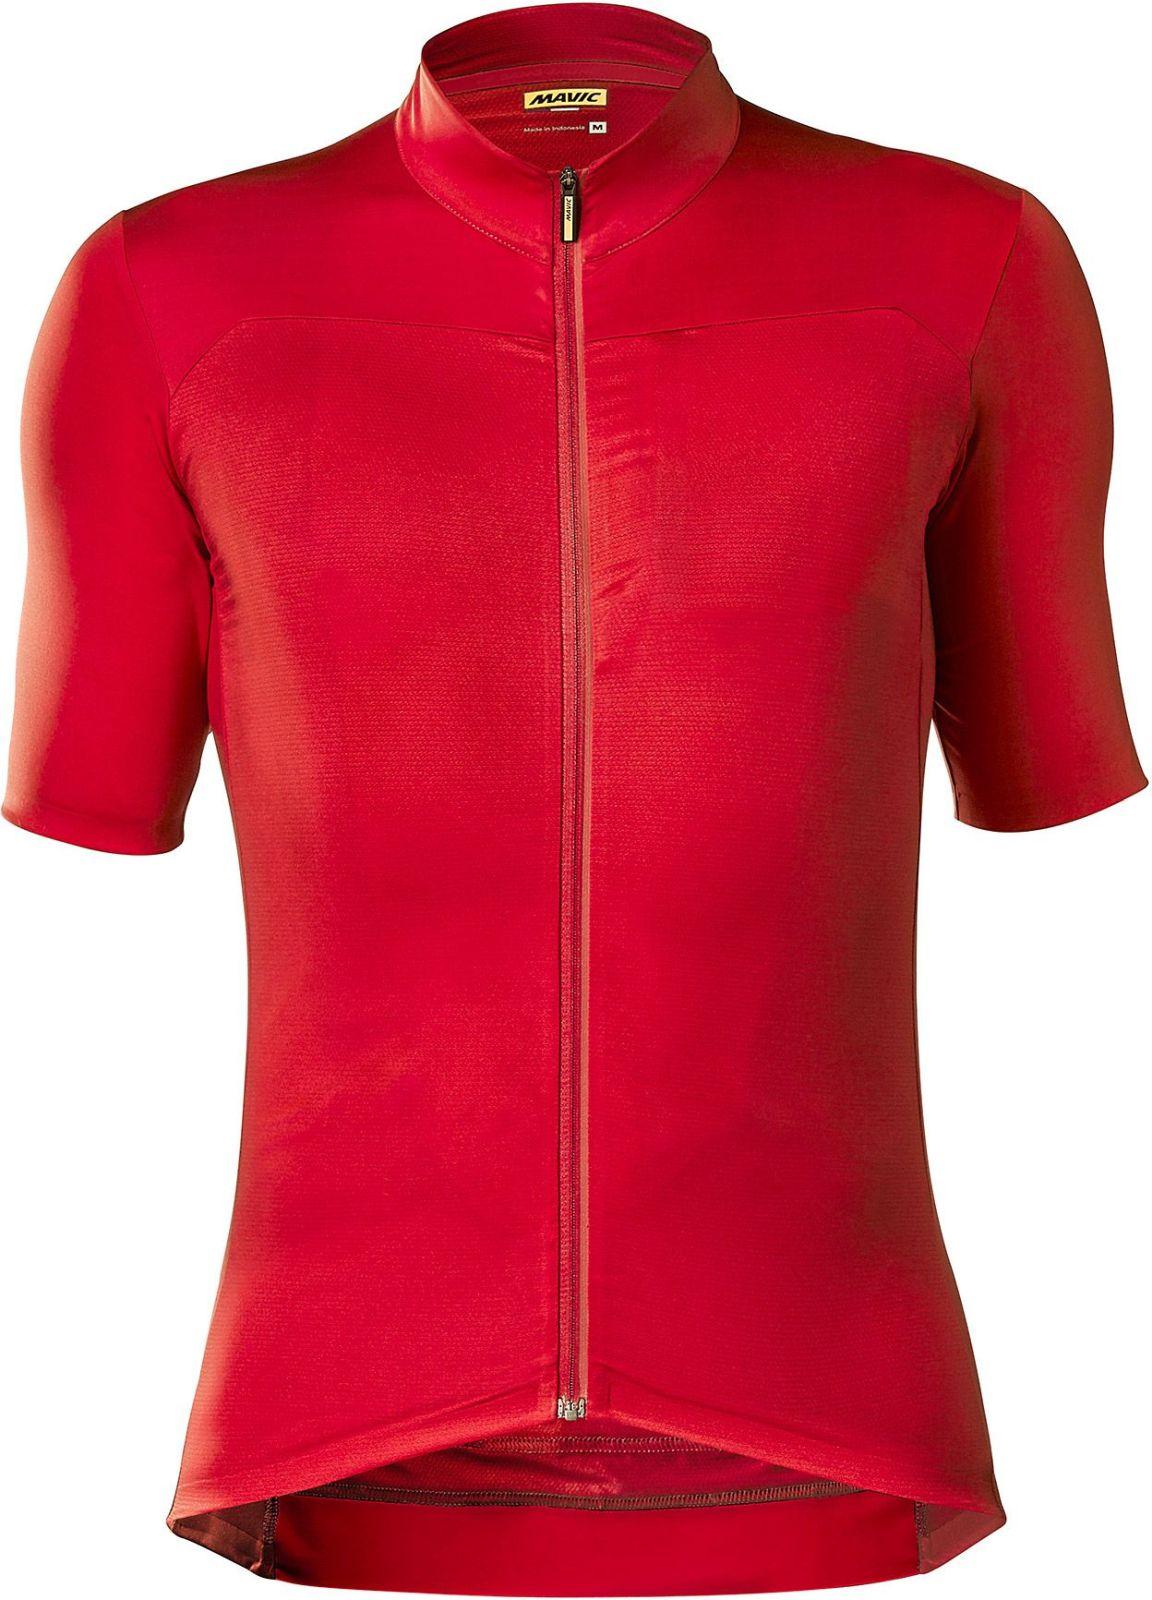 Mavic Essential Jersey - Haute Red L